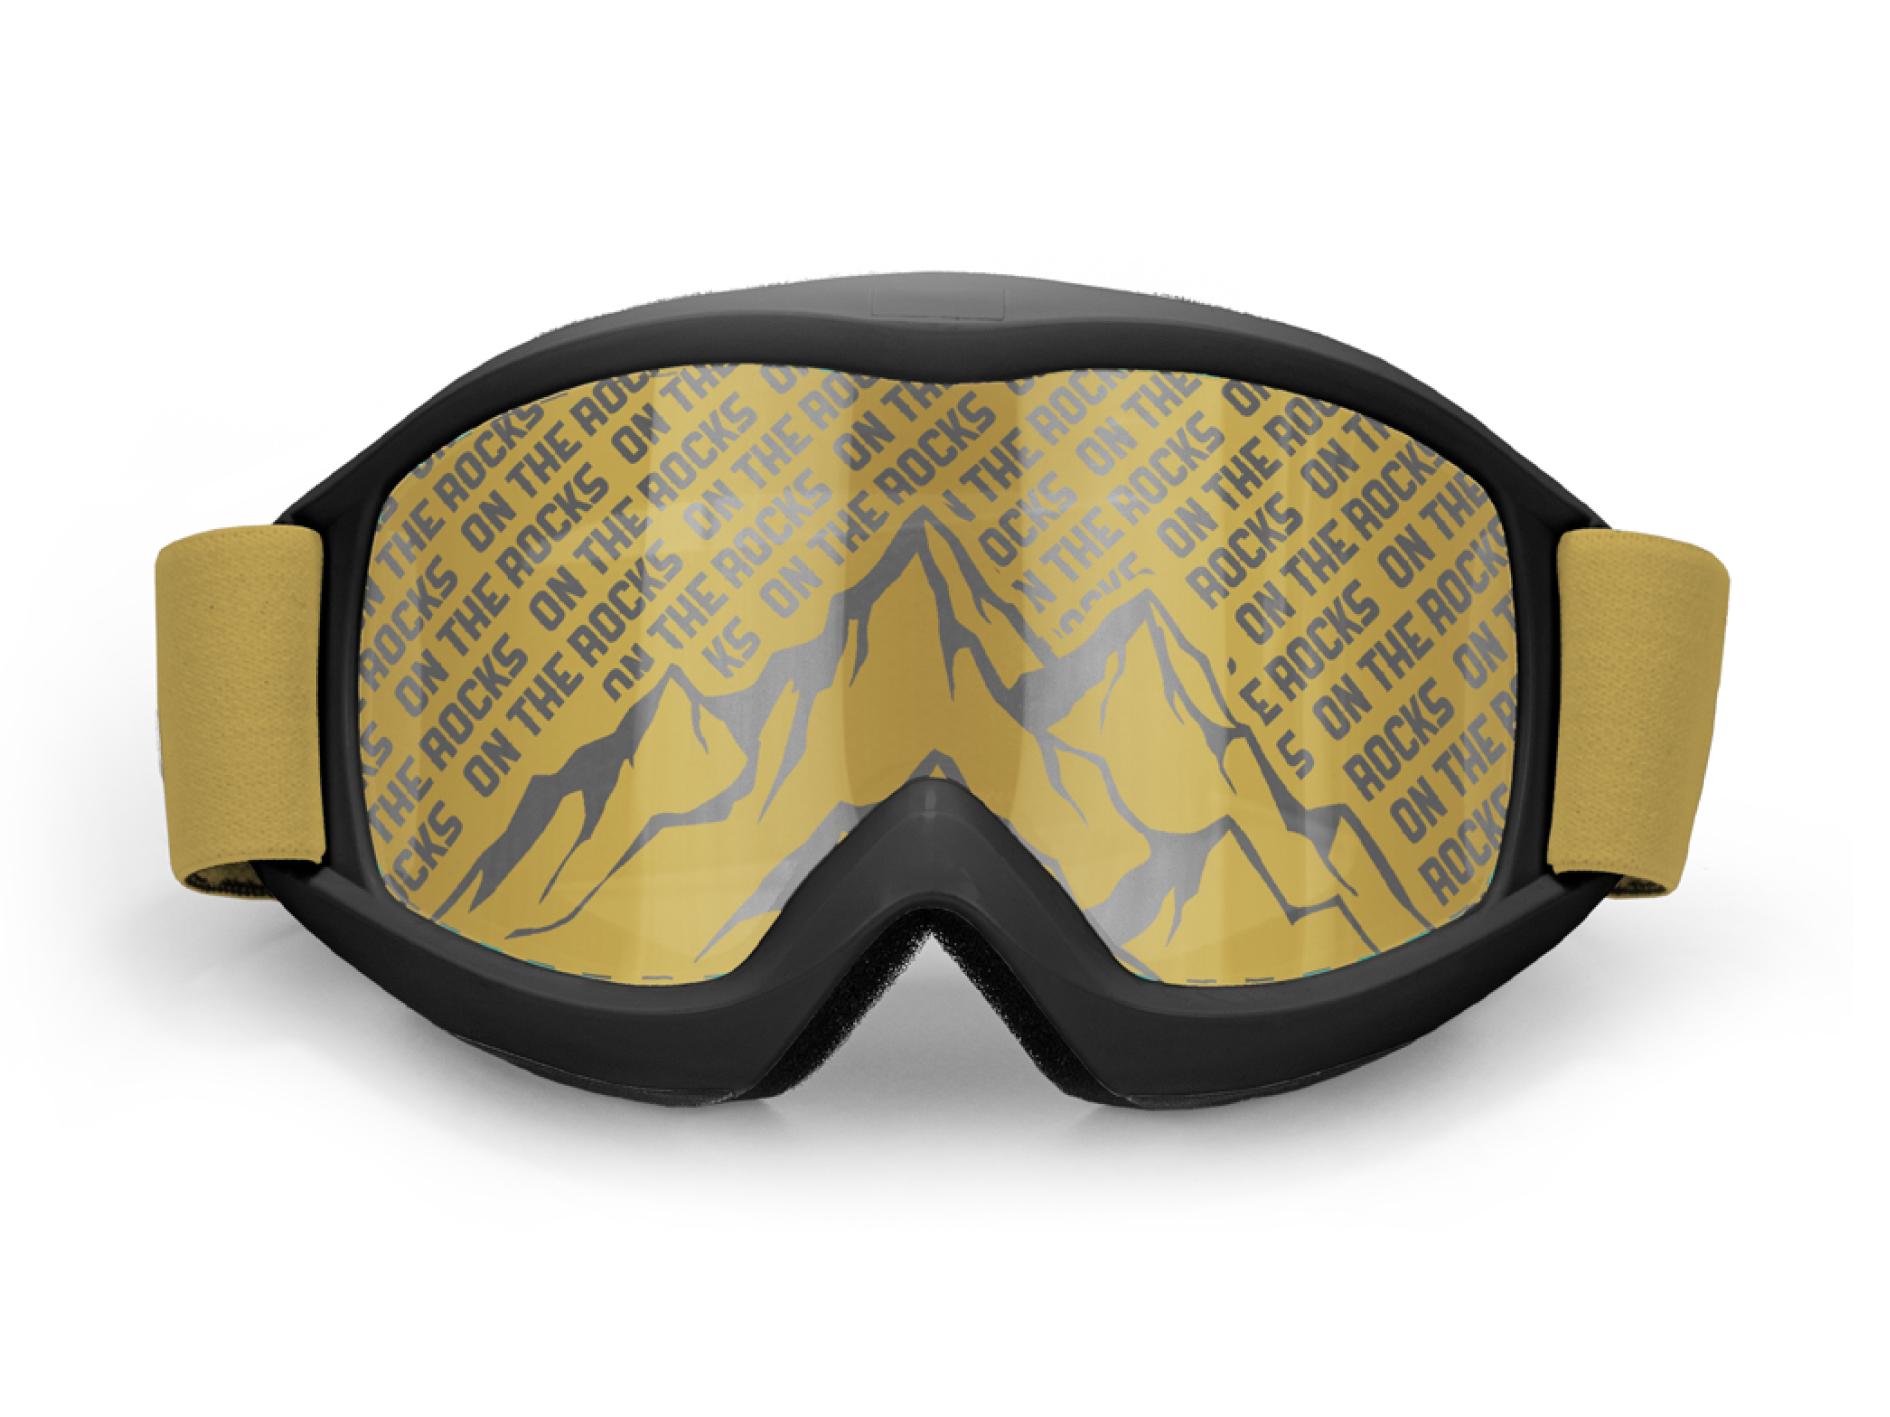 Vision1 Eyewear Secret Santa: Customized Goggles FTW Magazine goggle